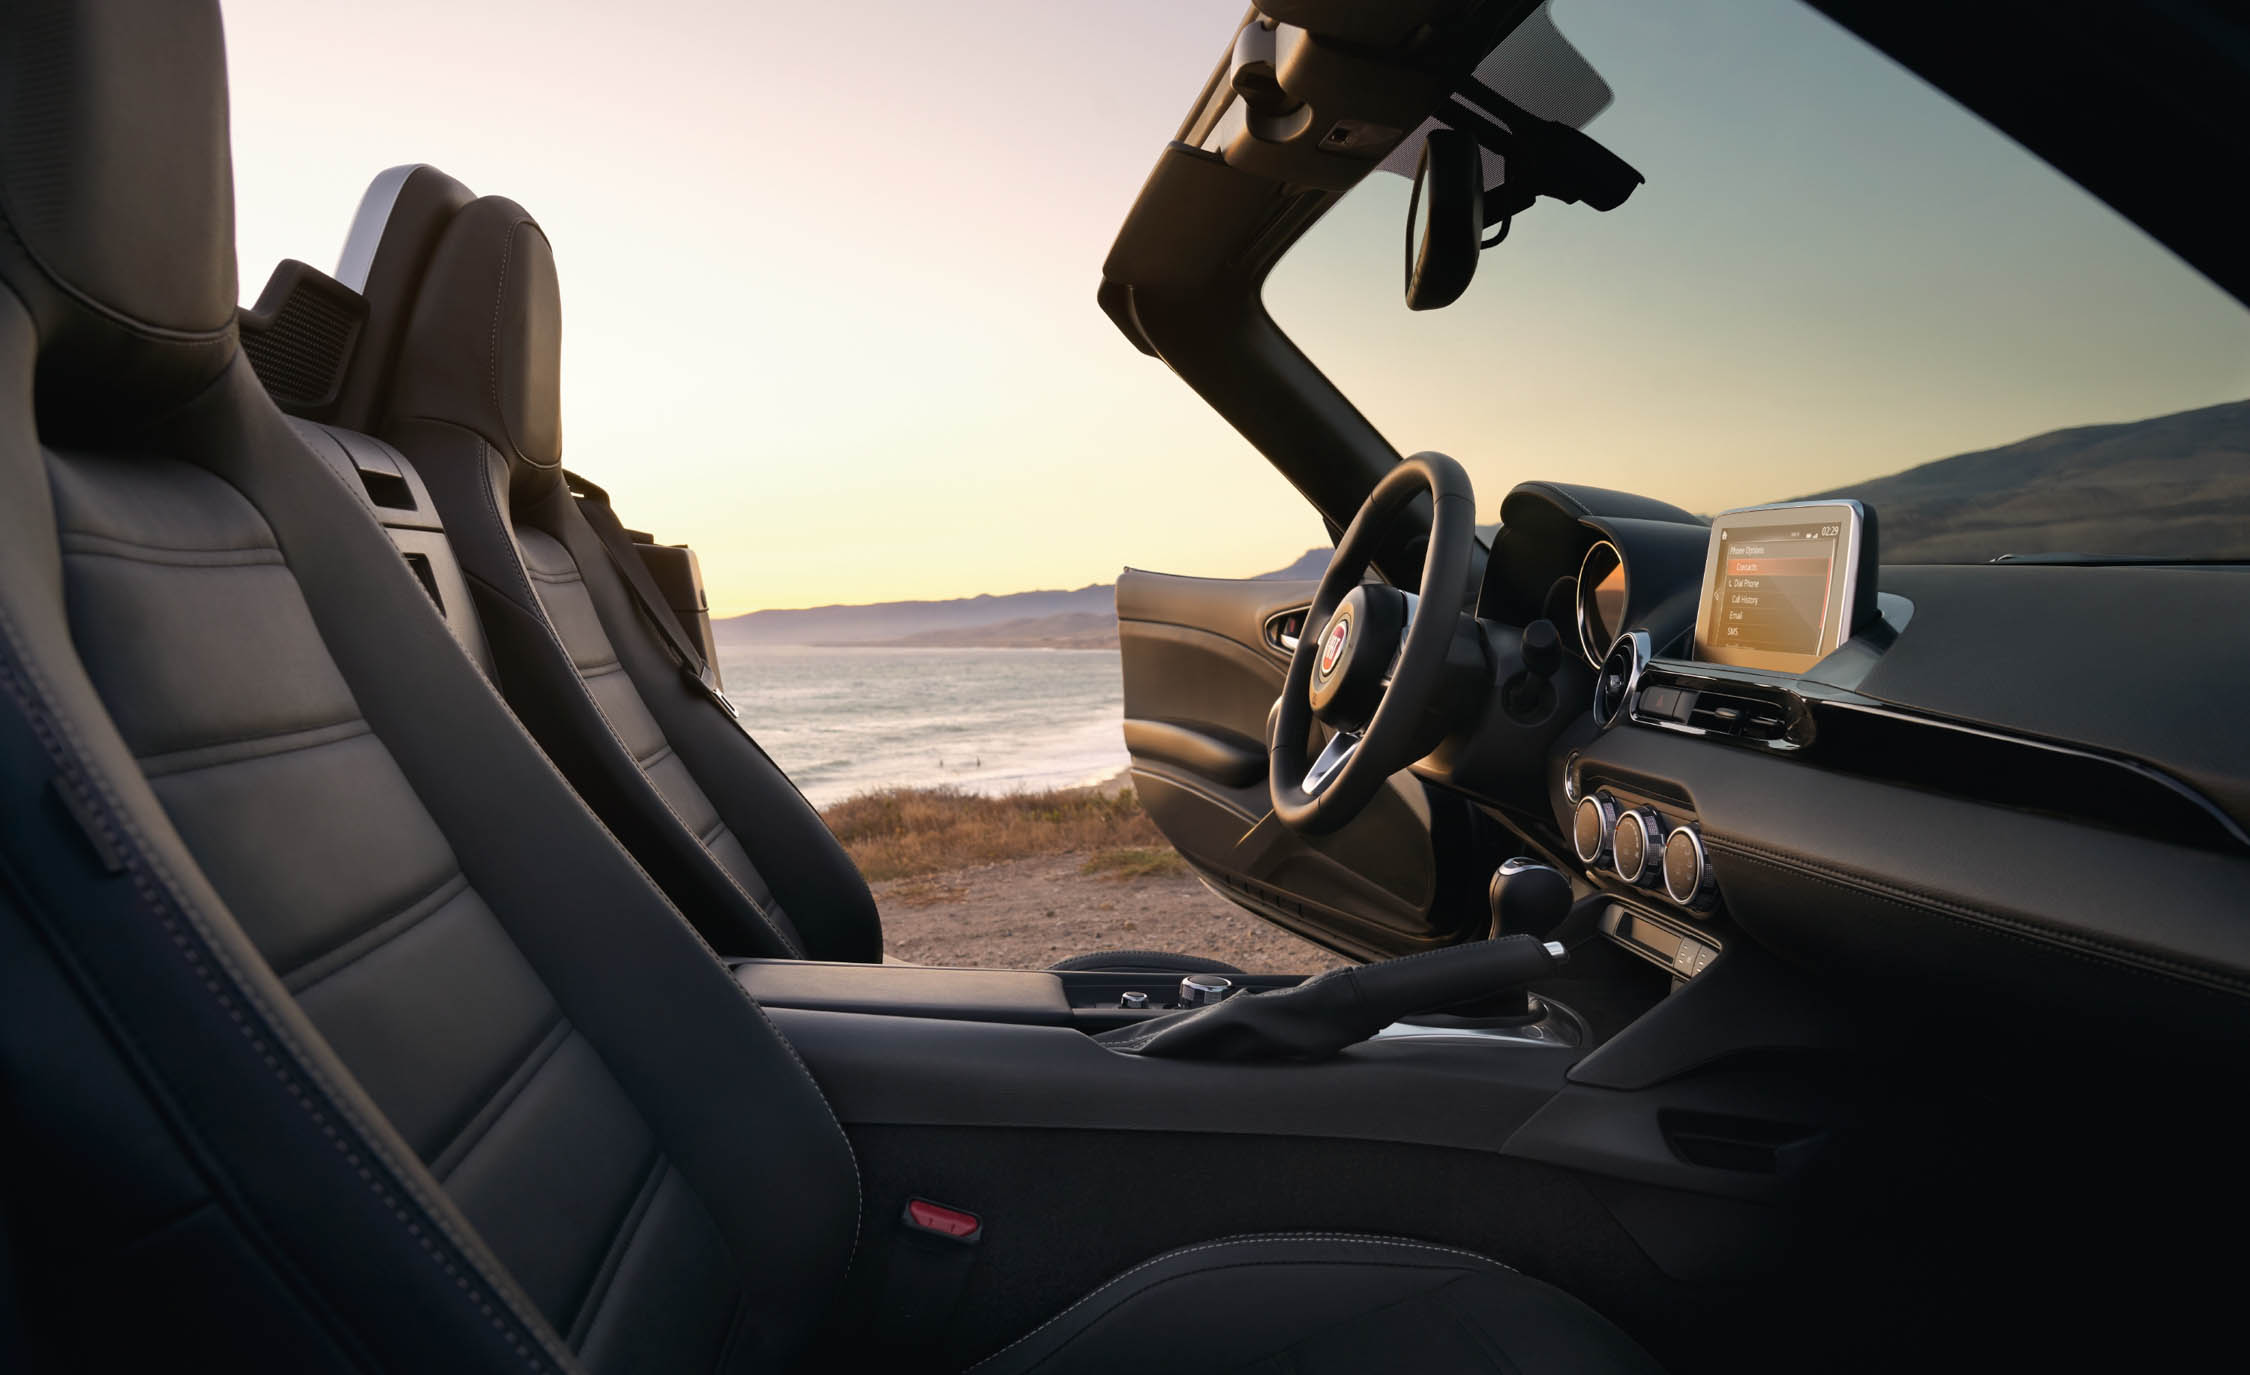 2017 Fiat 124 Spider Interior Seats